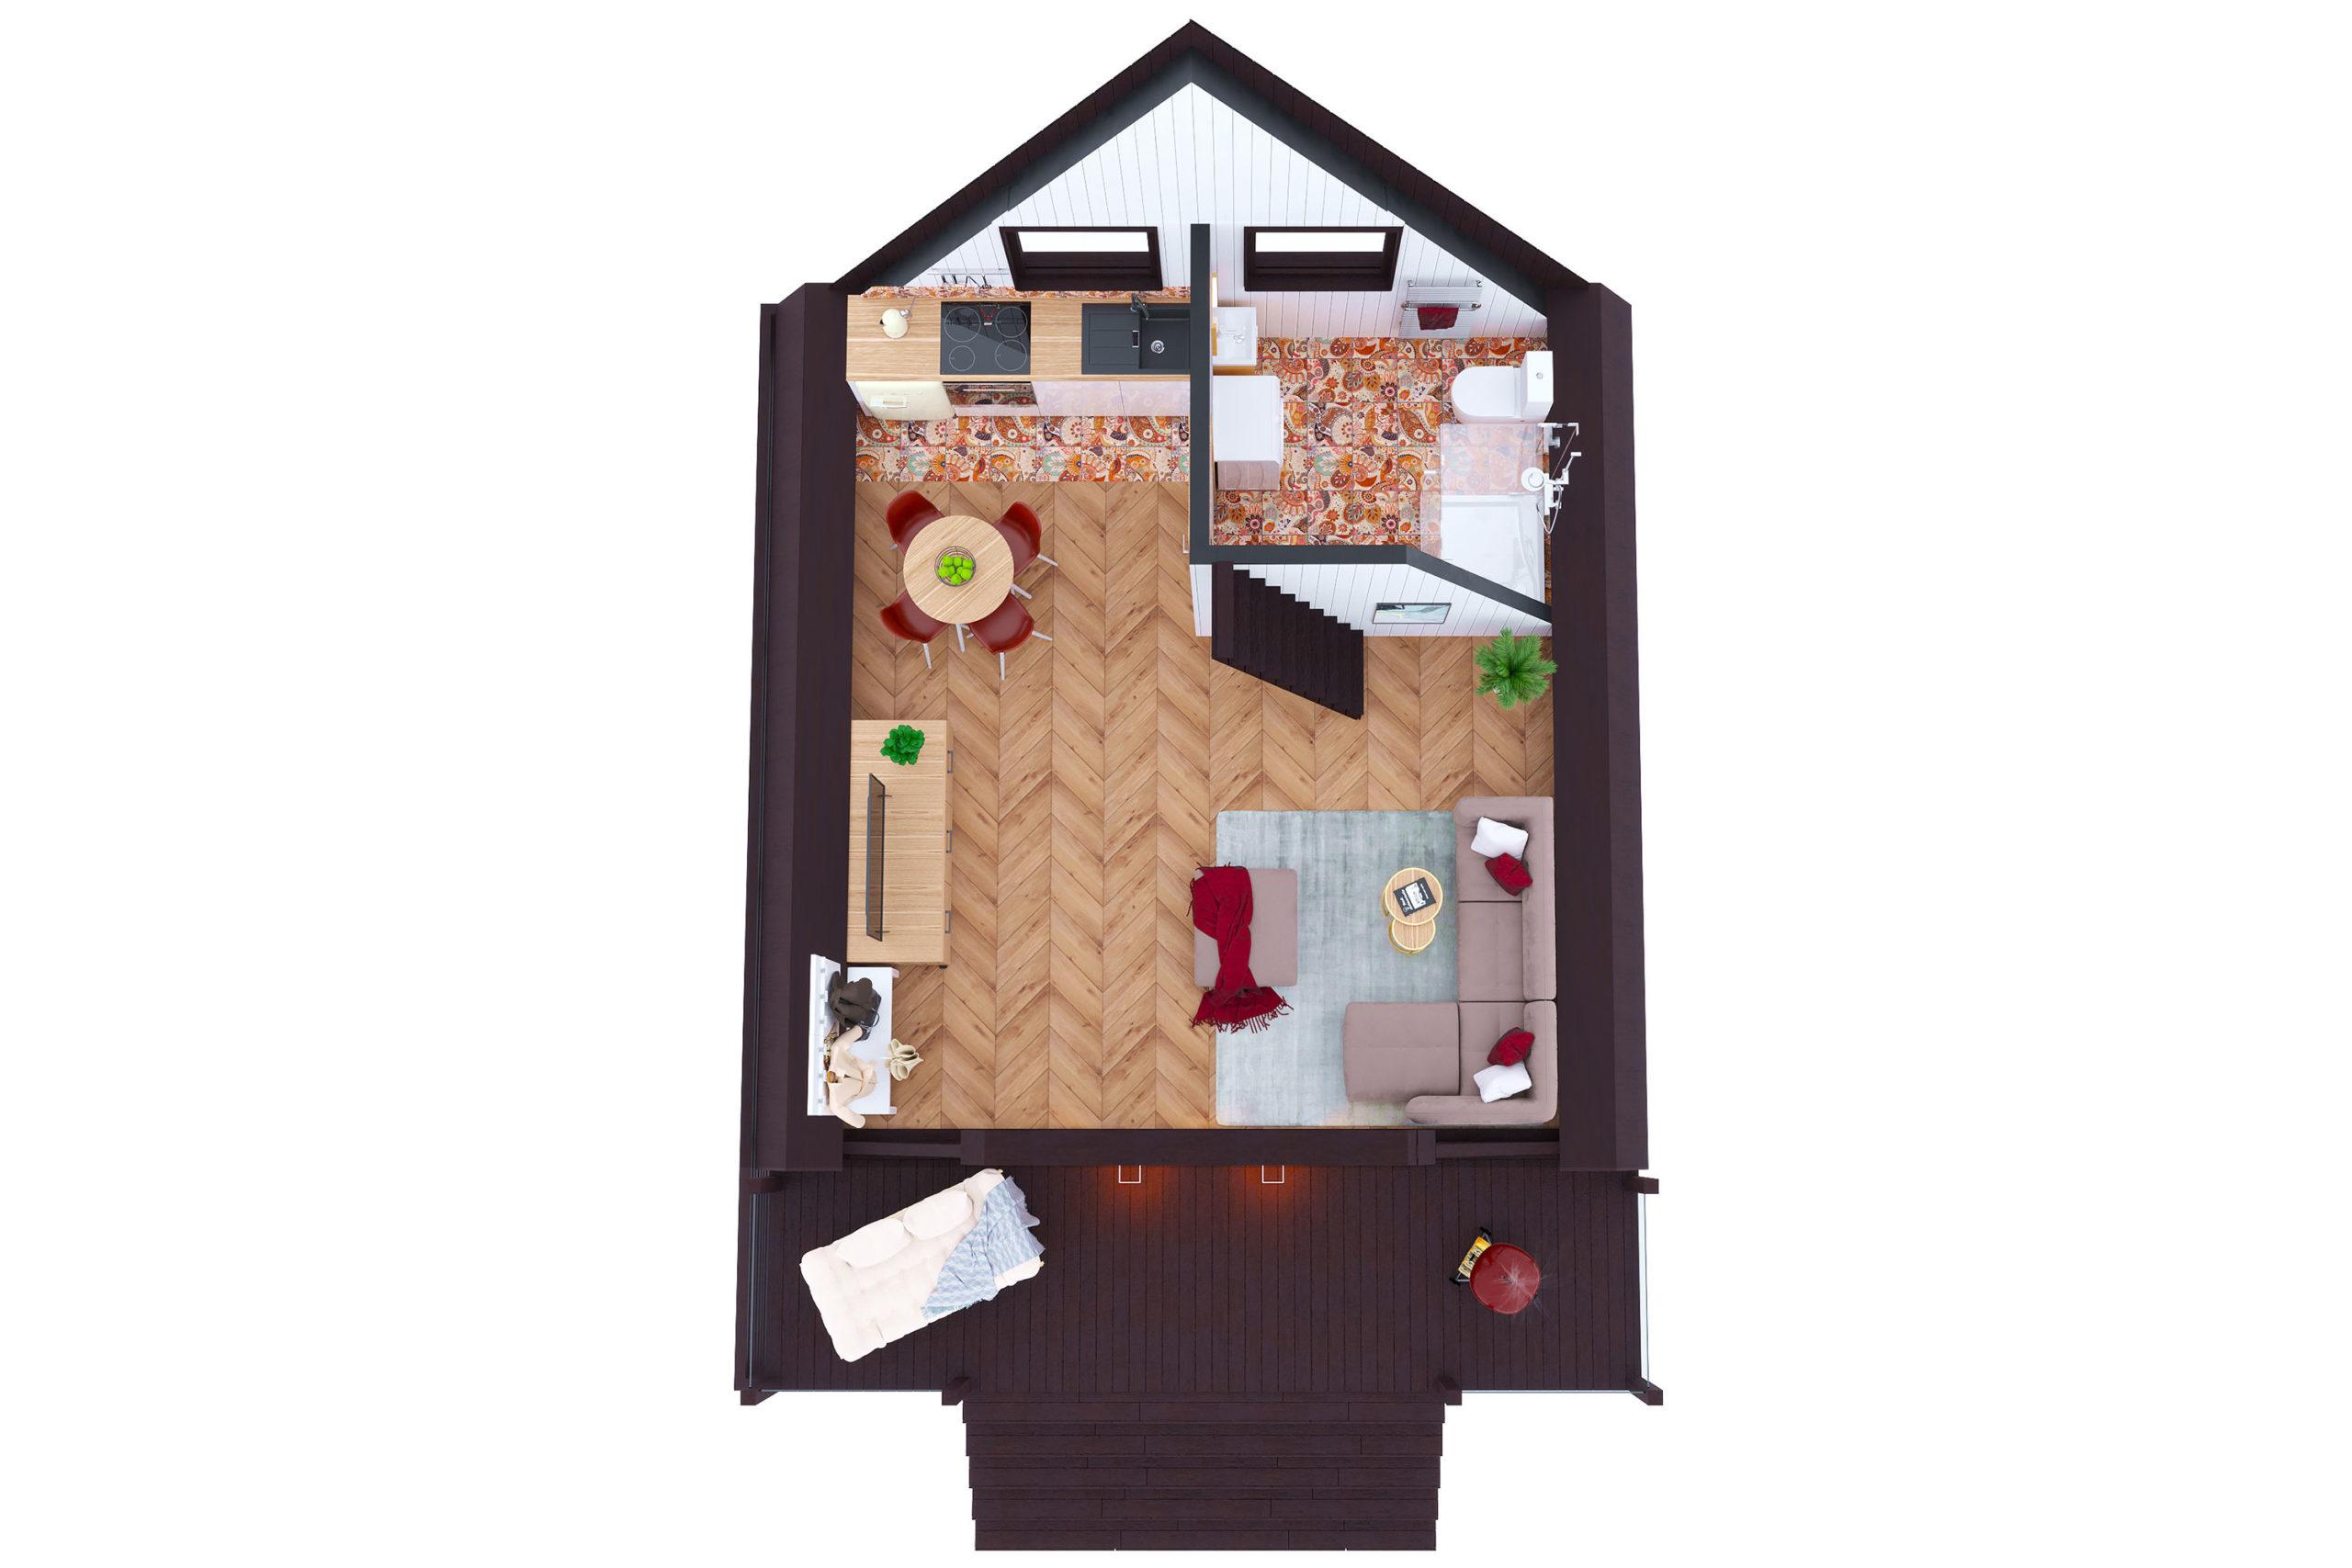 Планировка дома Тахо (Tahoe) – фото 1